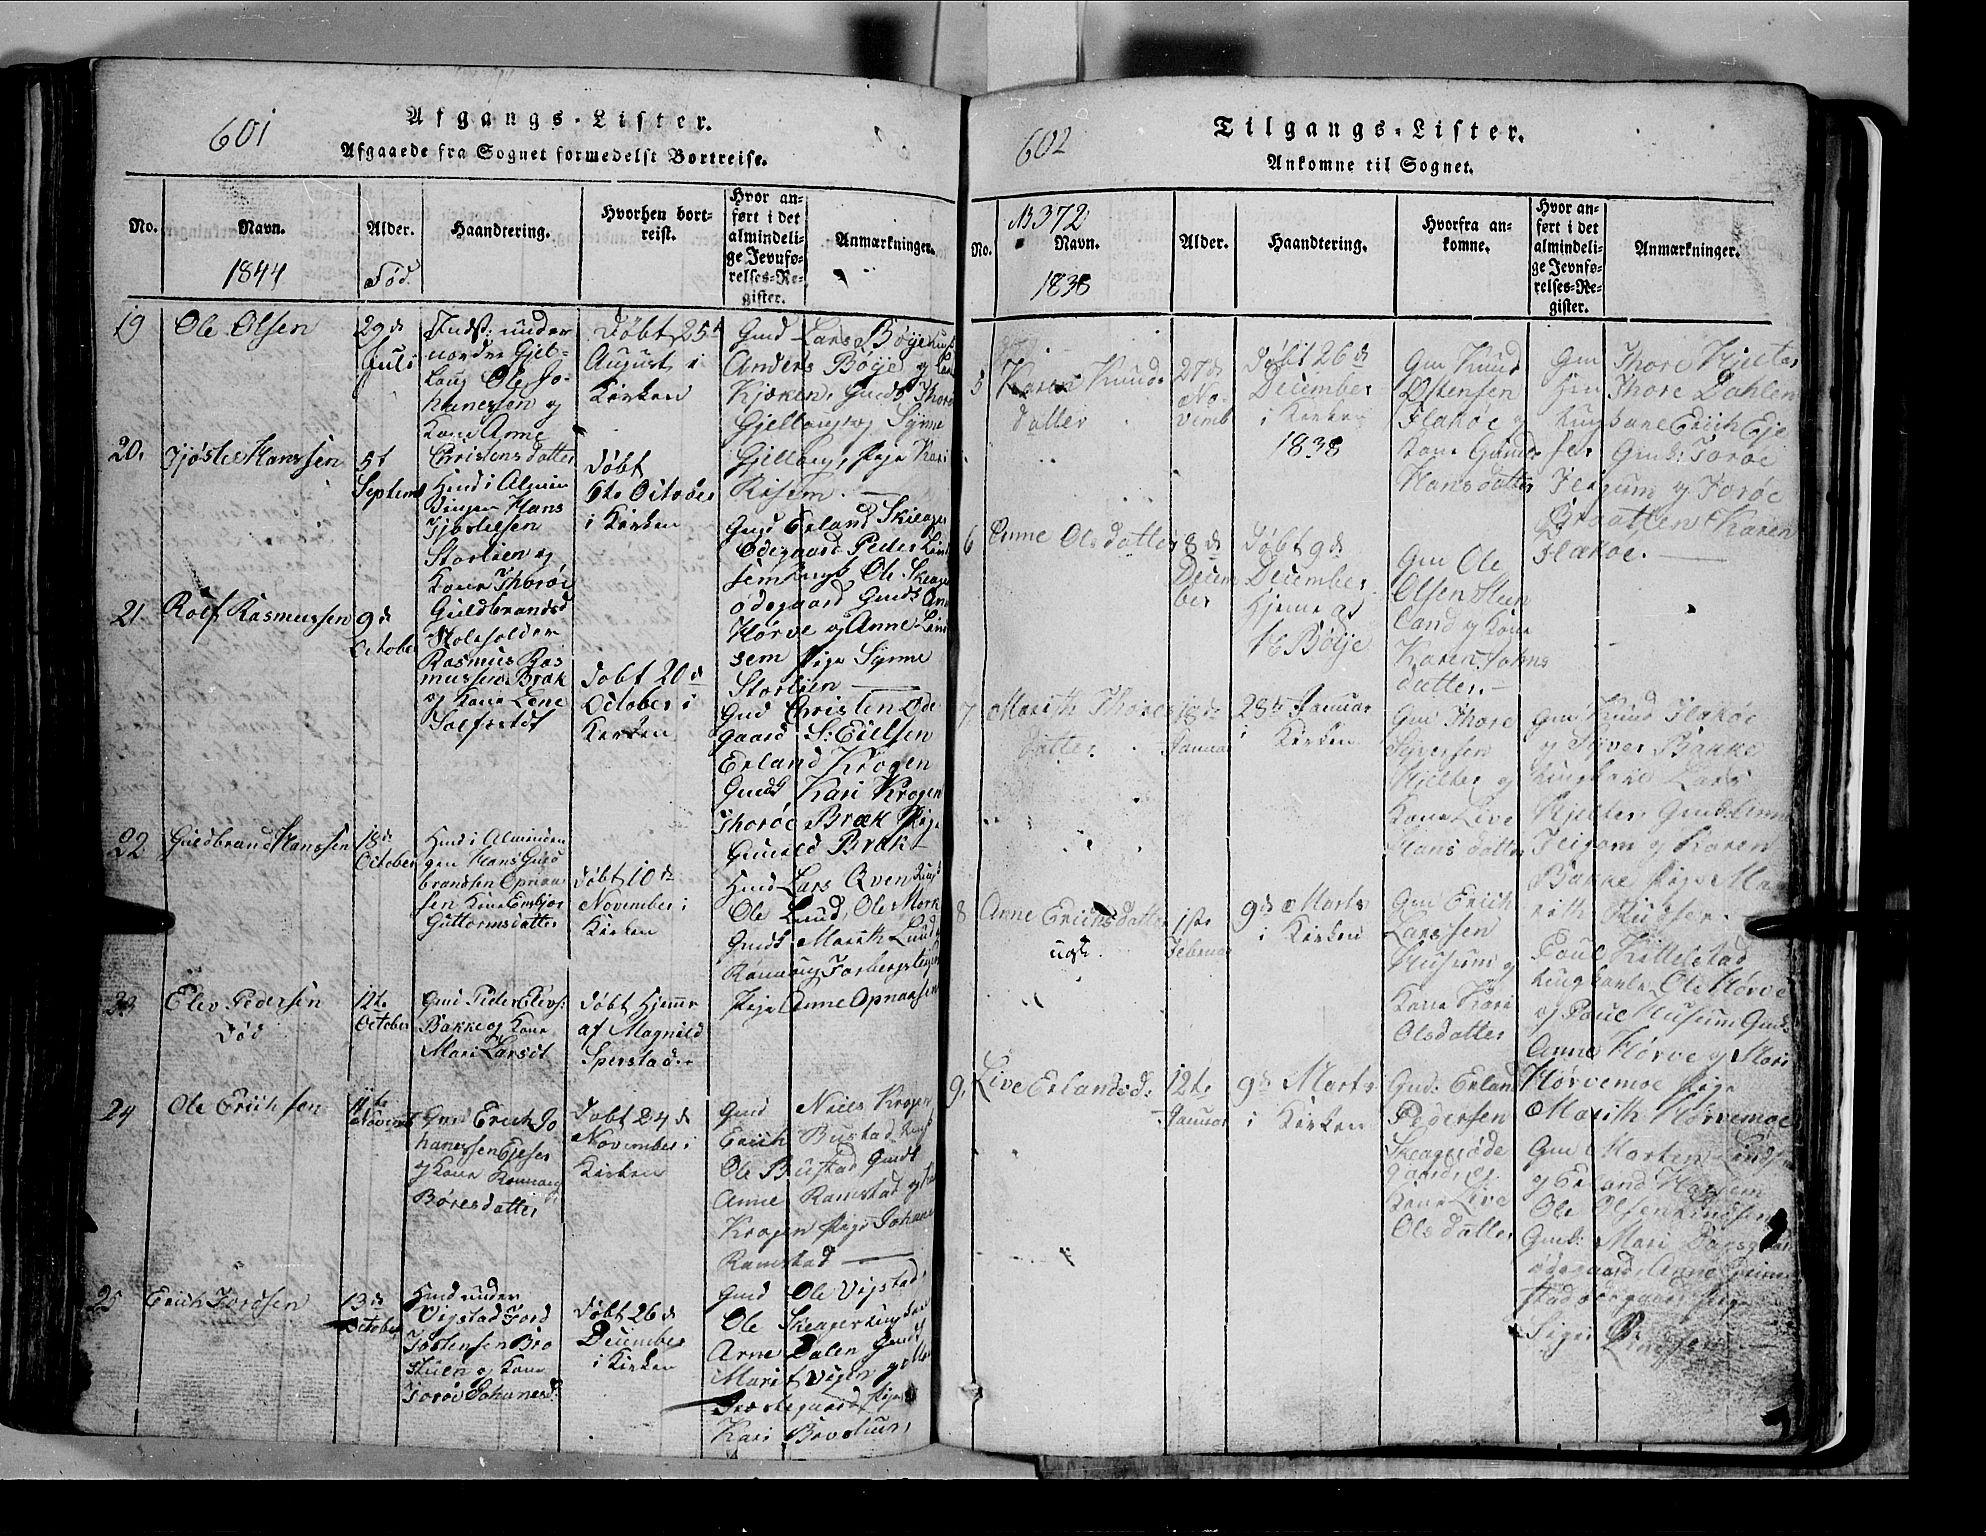 SAH, Lom prestekontor, L/L0003: Klokkerbok nr. 3, 1815-1844, s. 601-602